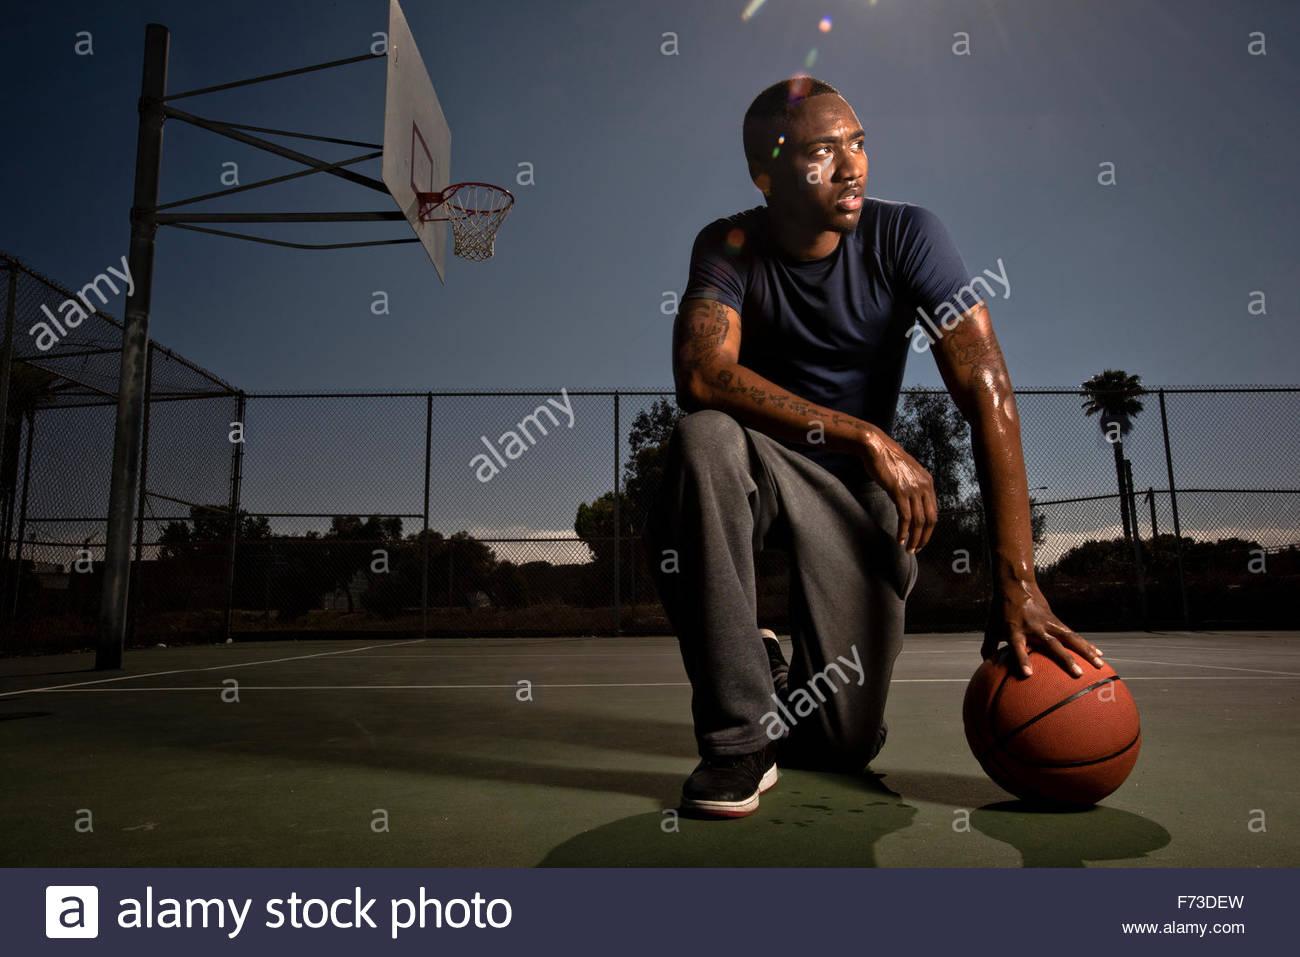 Ein Basketball-Spieler ruht auf dem Platz nach einem Spiel. Stockbild